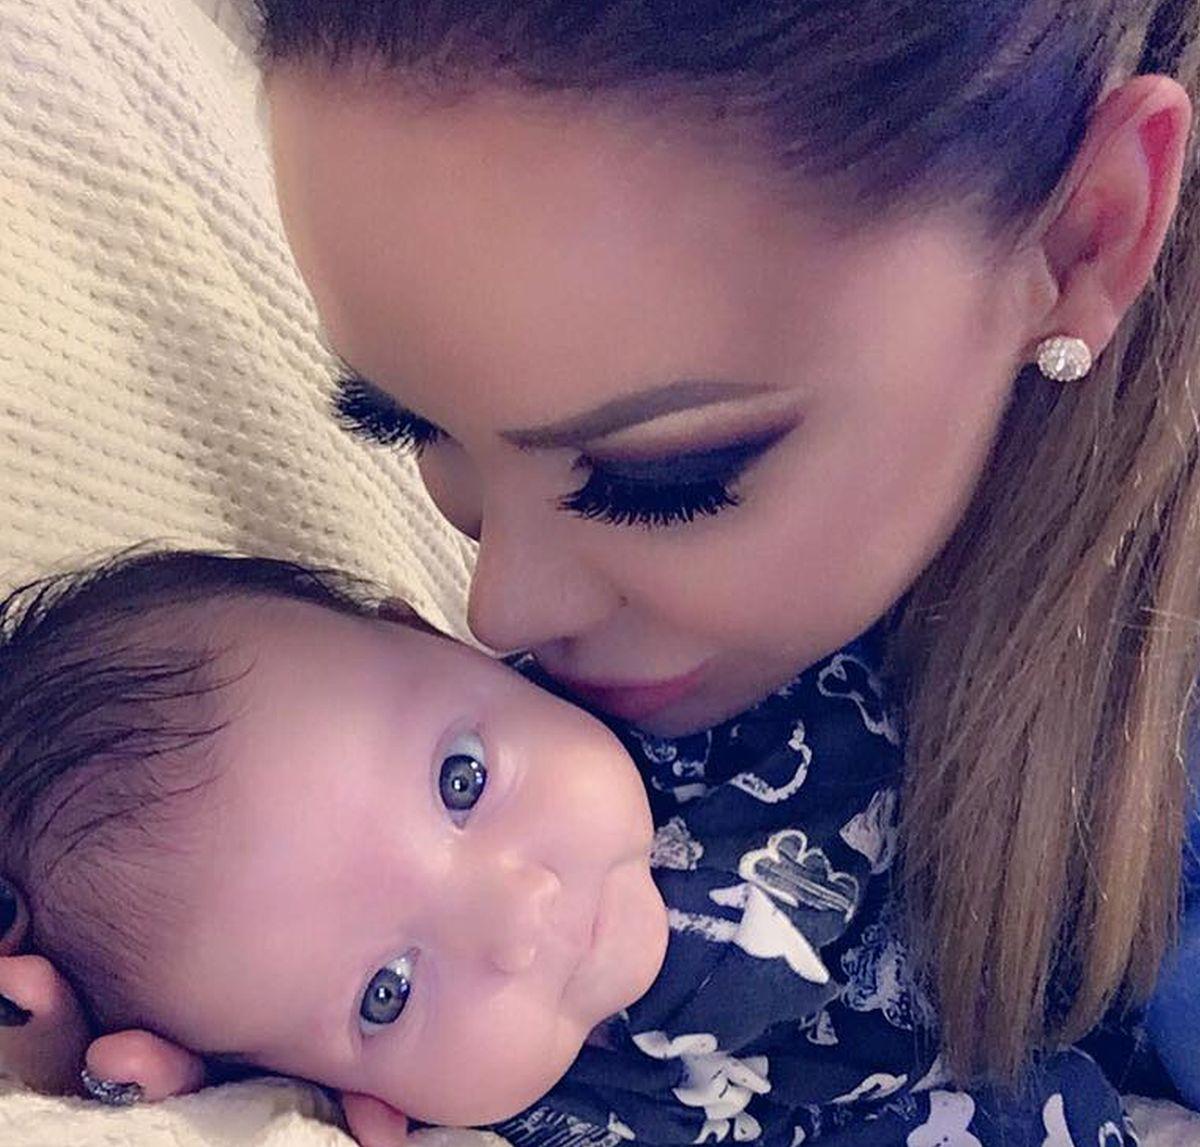 Bianca Drăgușanu traversează o perioadă în care se declară mai fericită ca niciodată. Iubita lui Victor Slav a sărbătorit-o pe micuța Sofia, care a împlinit ieri două luni.